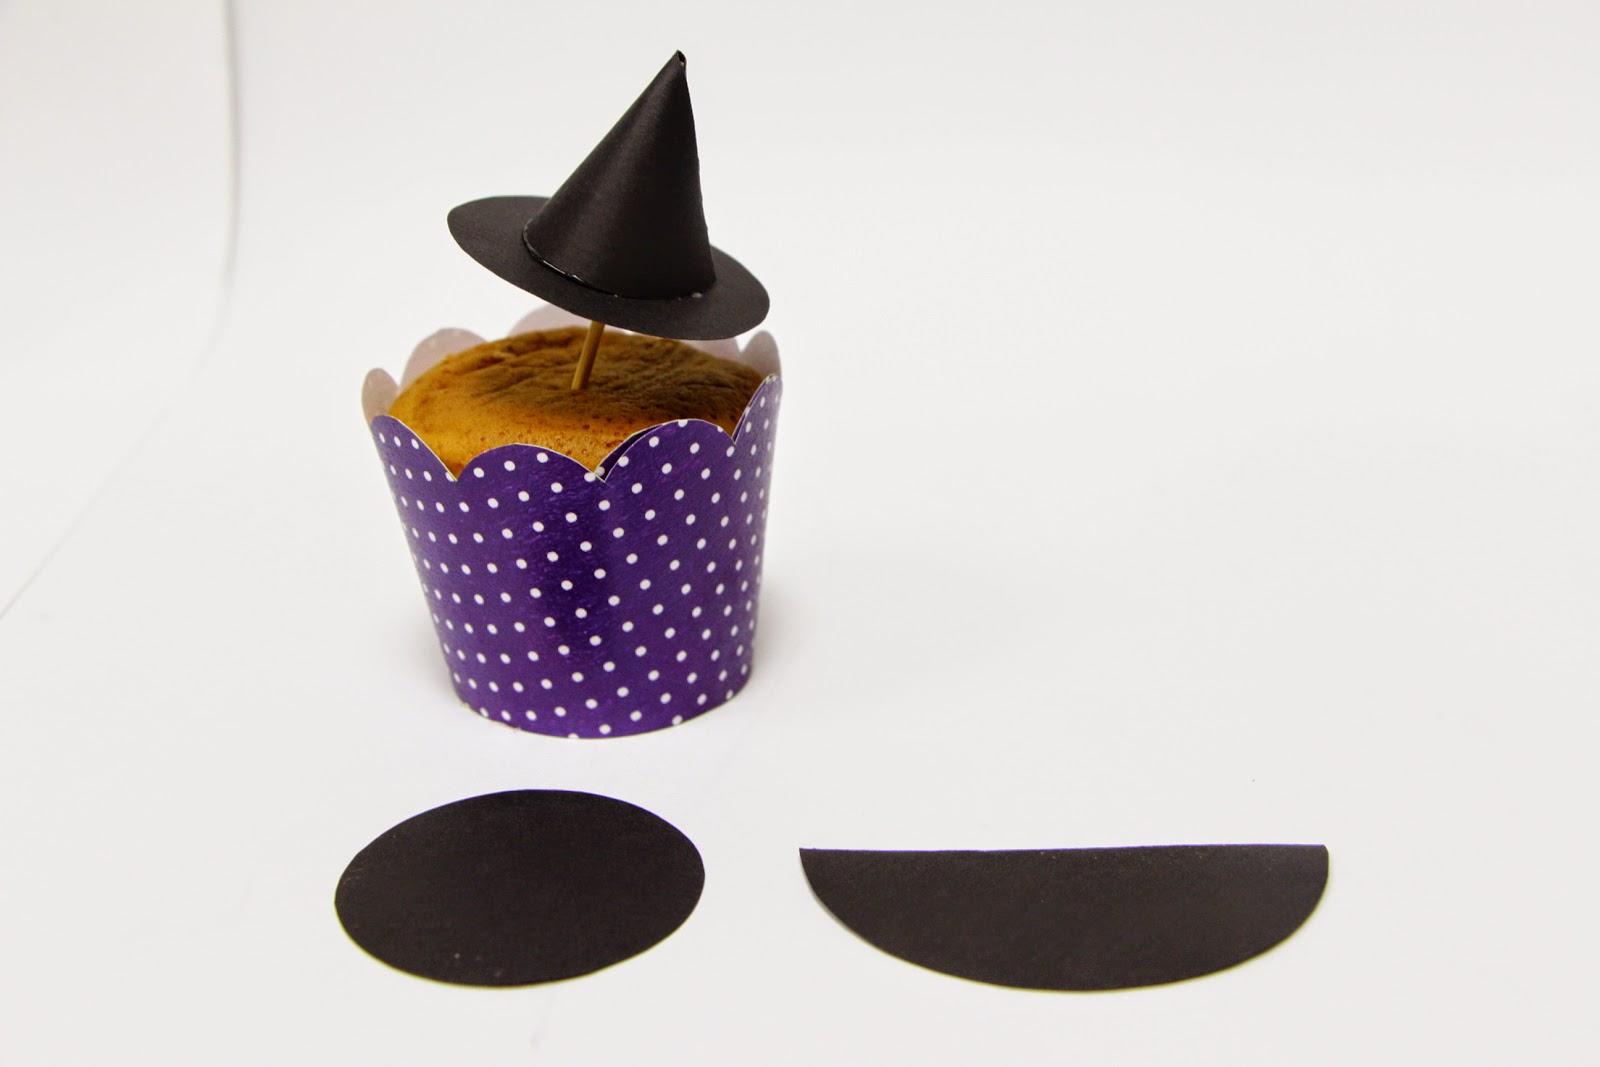 剪一個直徑4.5公分的圓(帽緣)、直徑6.5公分的圓 ...